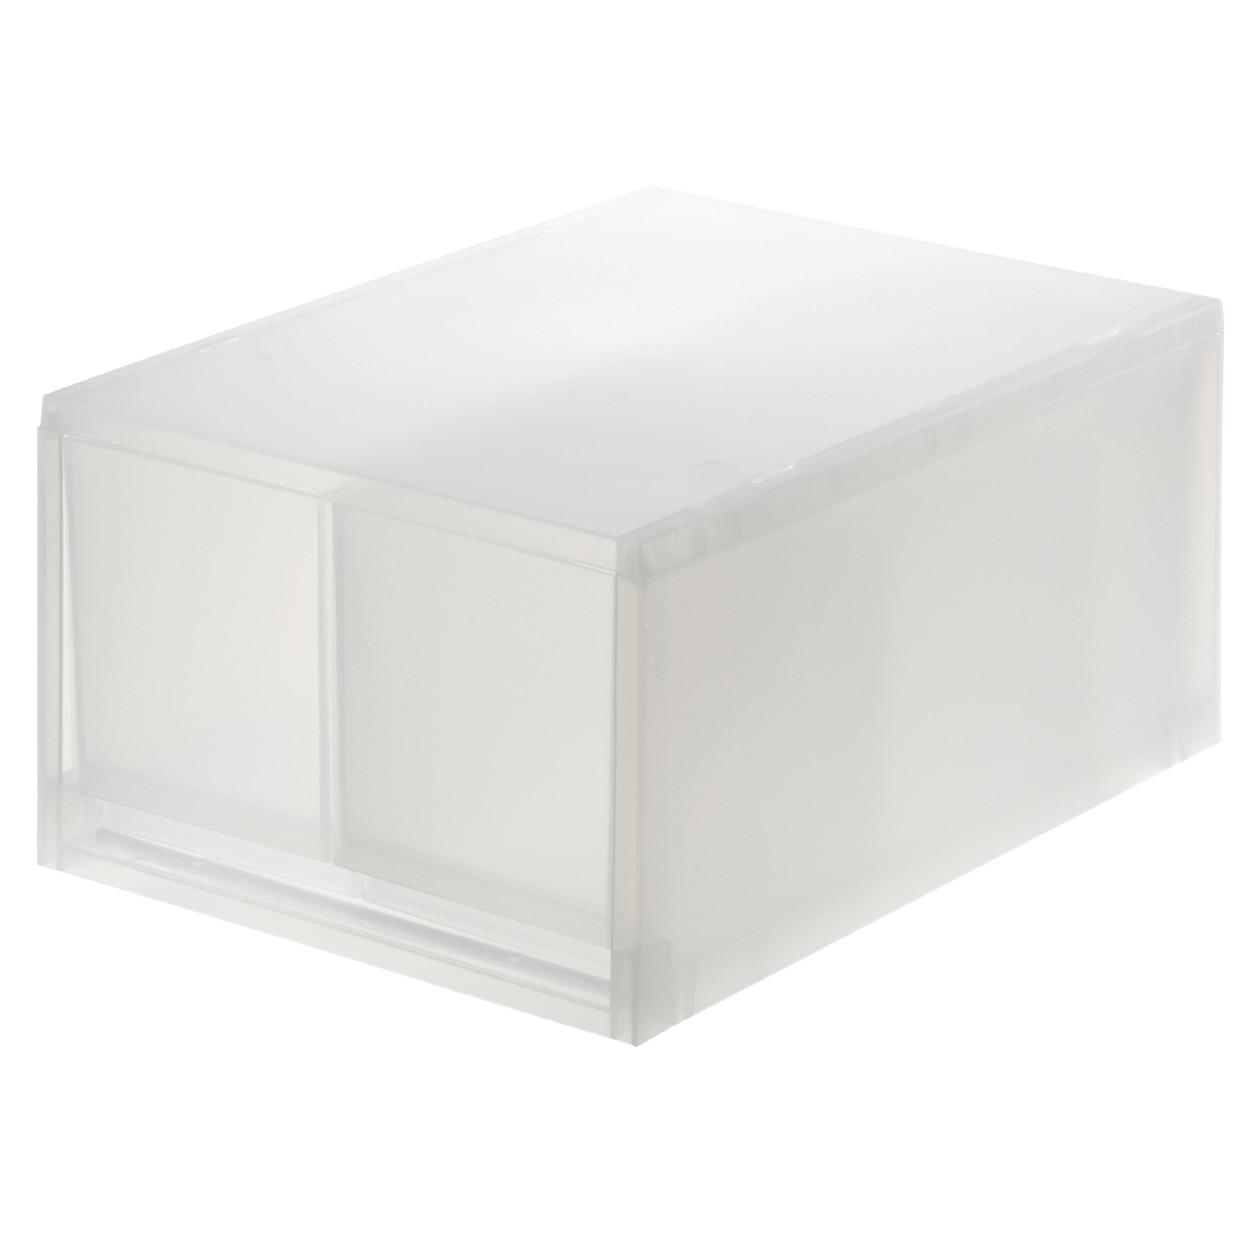 【まとめ買い】ポリプロピレンケース・引出式・深型2個(仕切付)・ホワイトグレー クリア